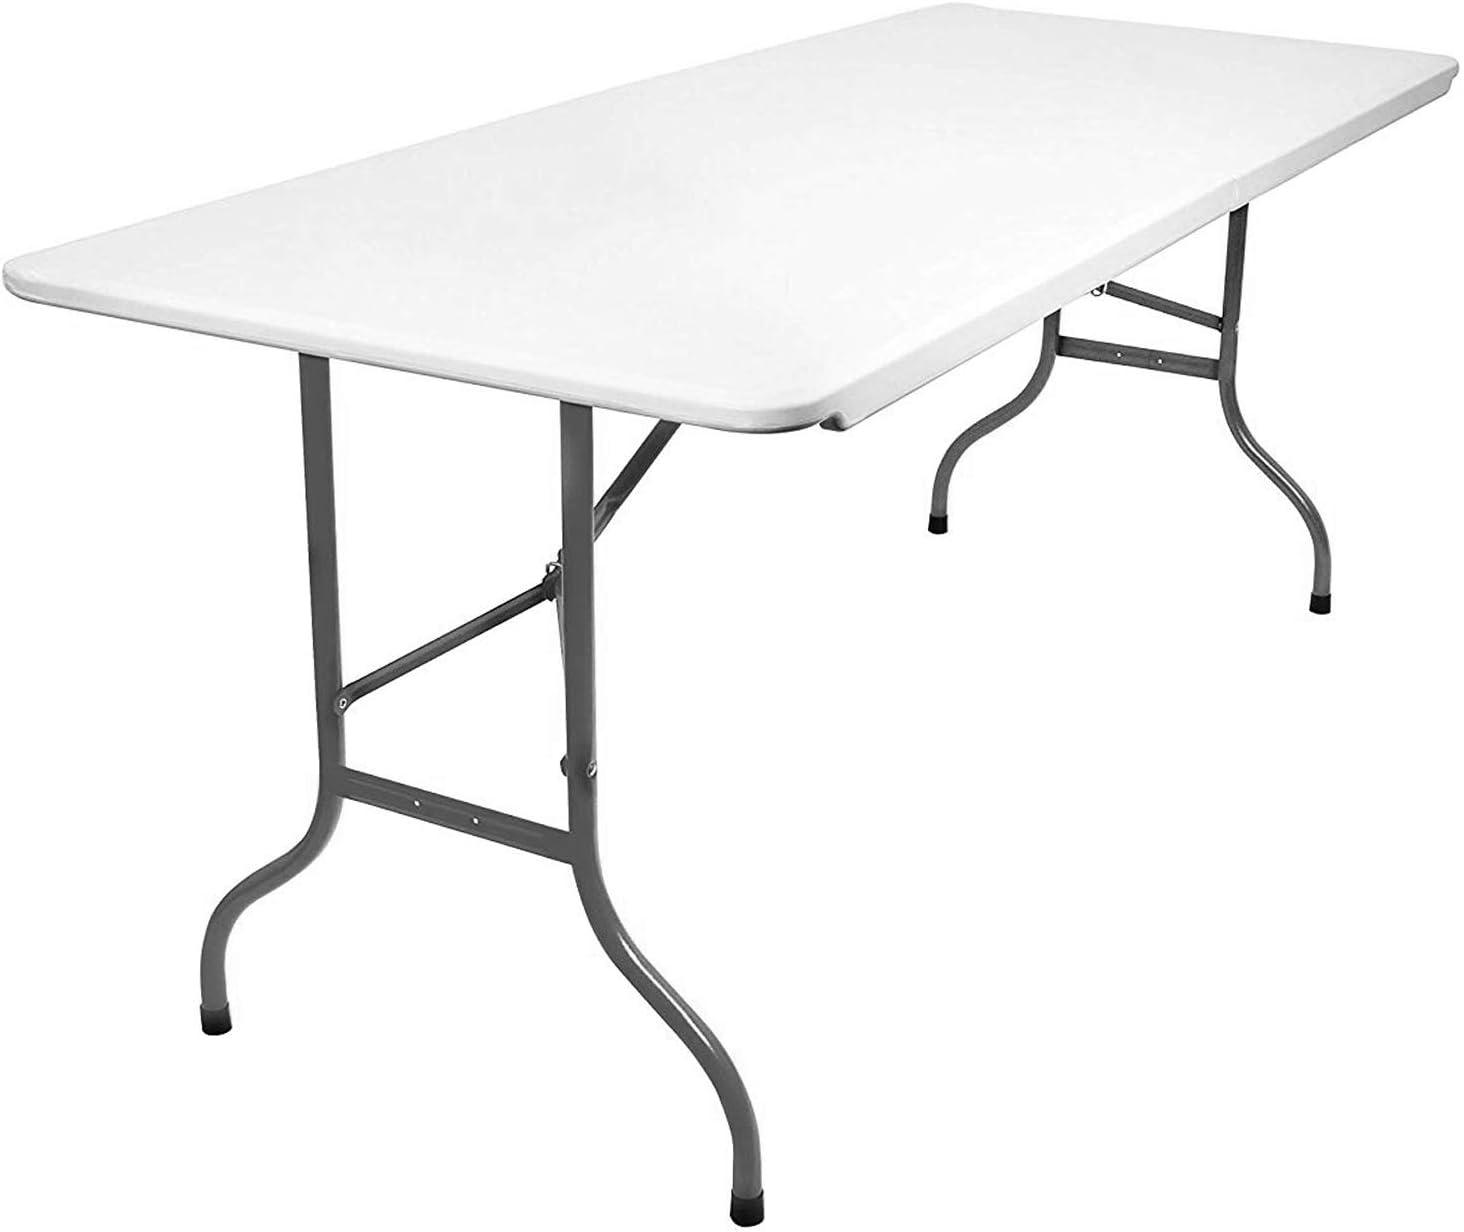 Weißer klappbarer Tisch mit Husse Gartentisch Klapptisch Campingtisch 180 x 75cm